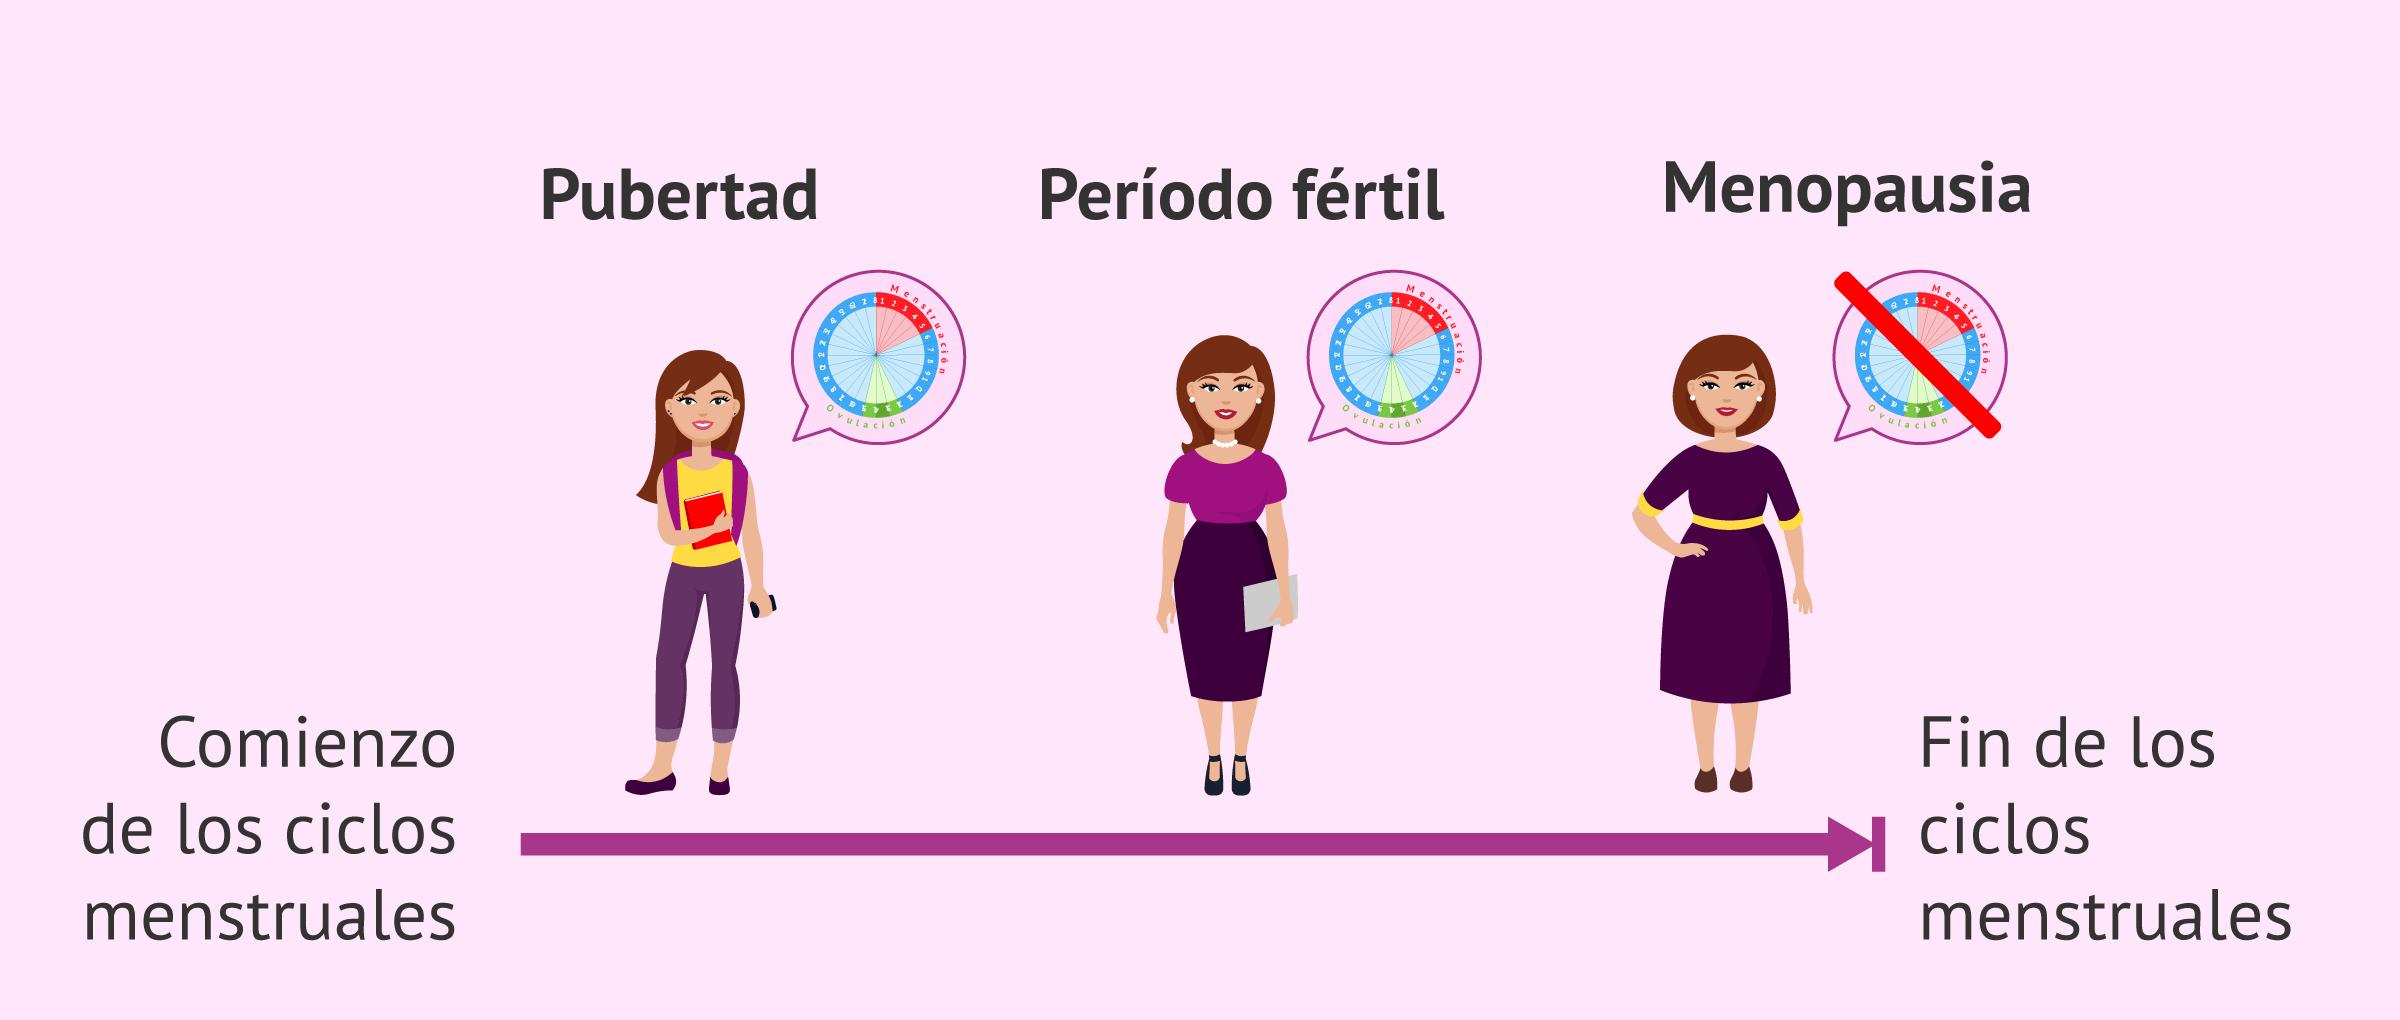 Etapas de la fertilidad femenina